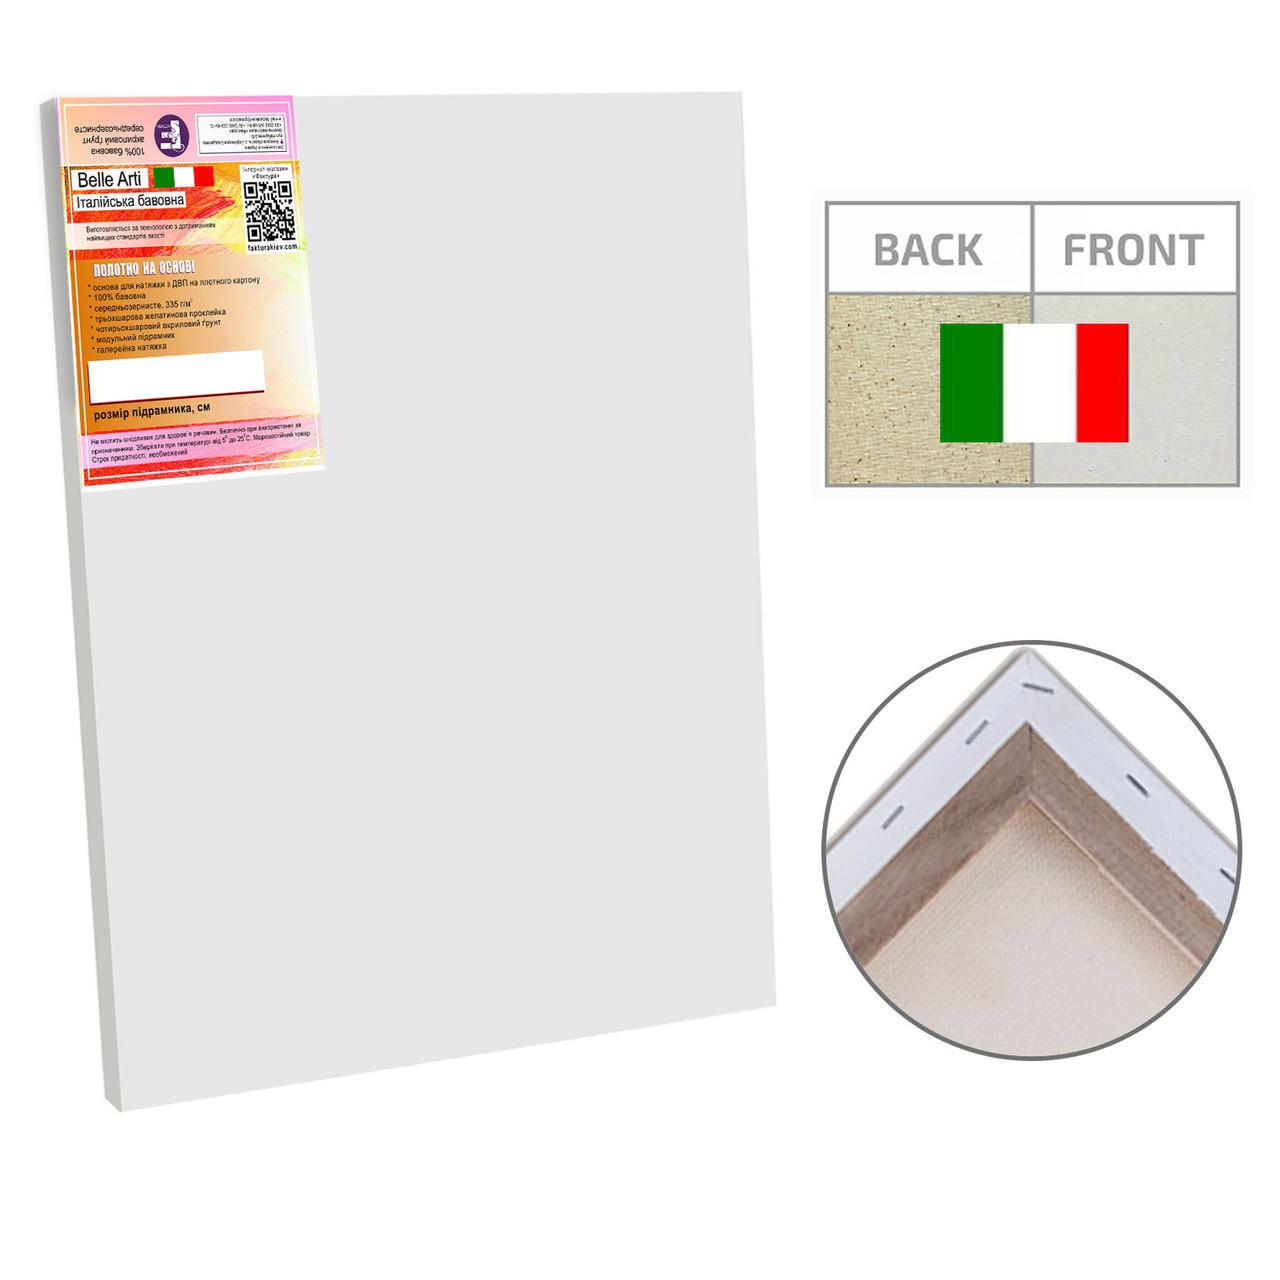 Холст на подрамнике Factura BelleArti 50х70 см Итальянский хлопок 285 грамм кв.м. среднее зерно белый